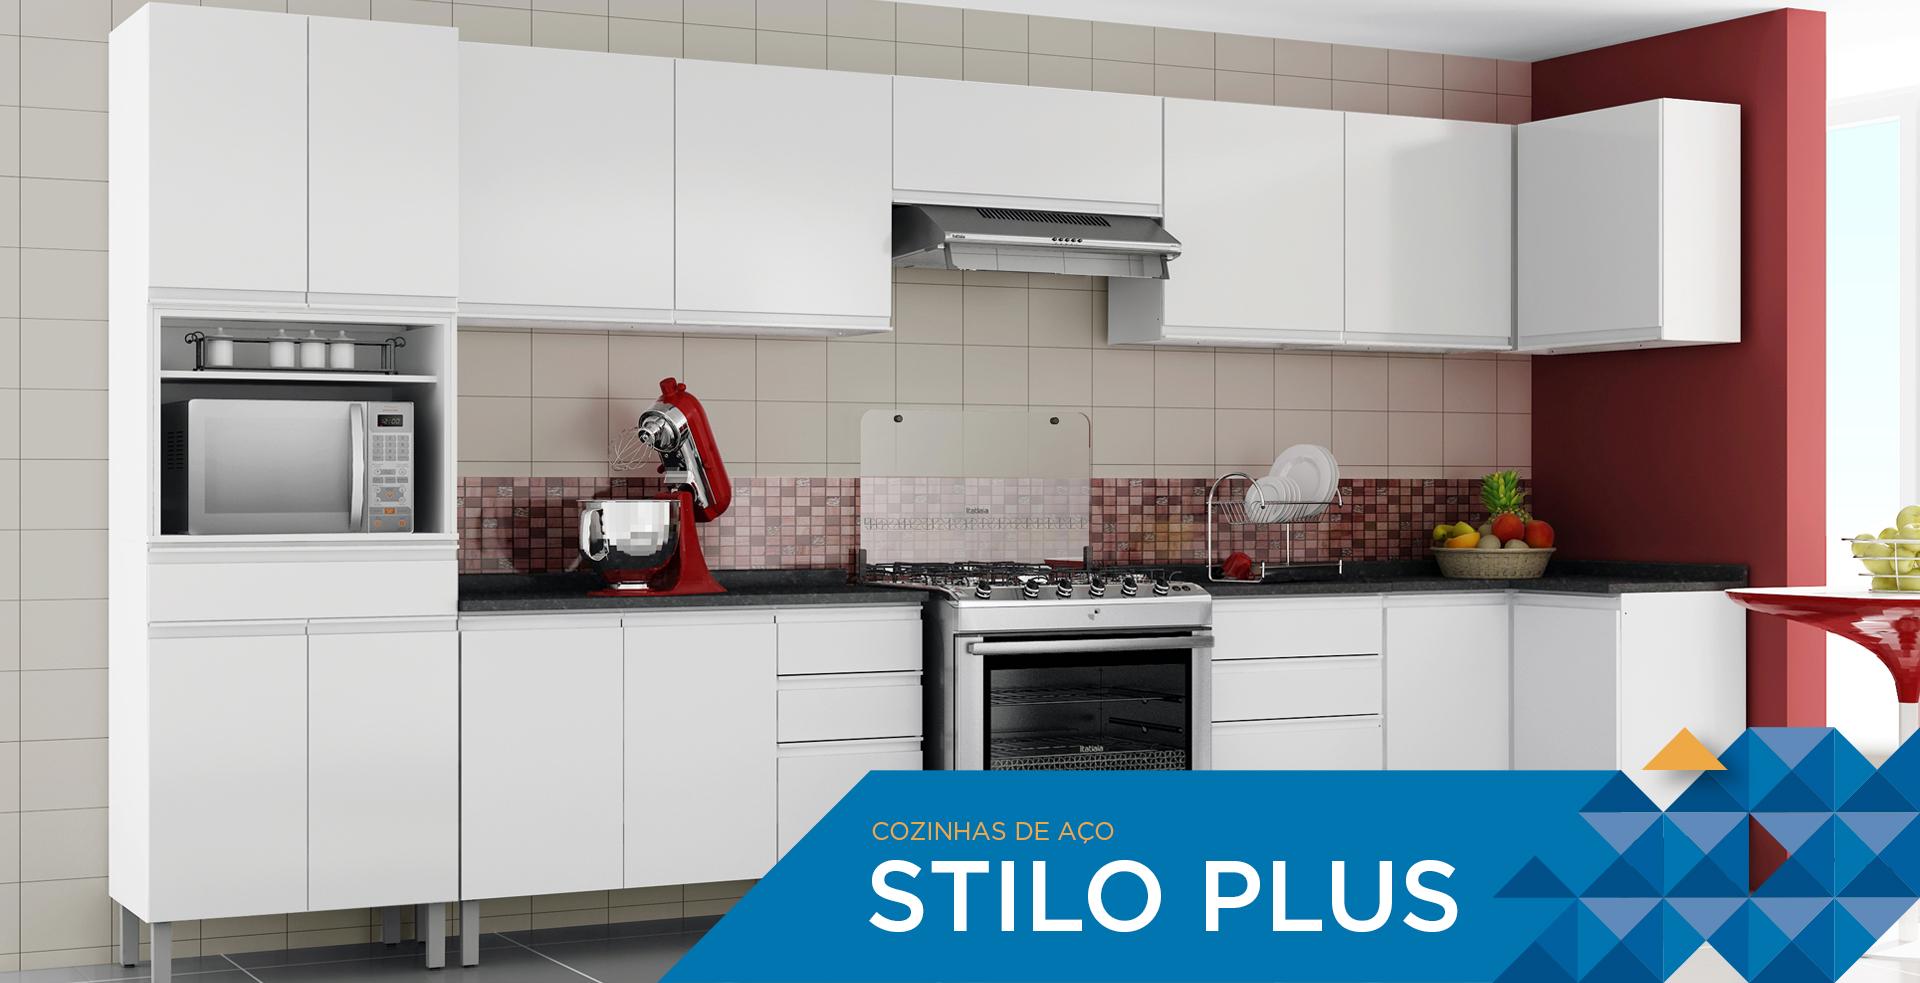 Cozinhas de Aço Stilo Plus | Cozinhas Itatiaia